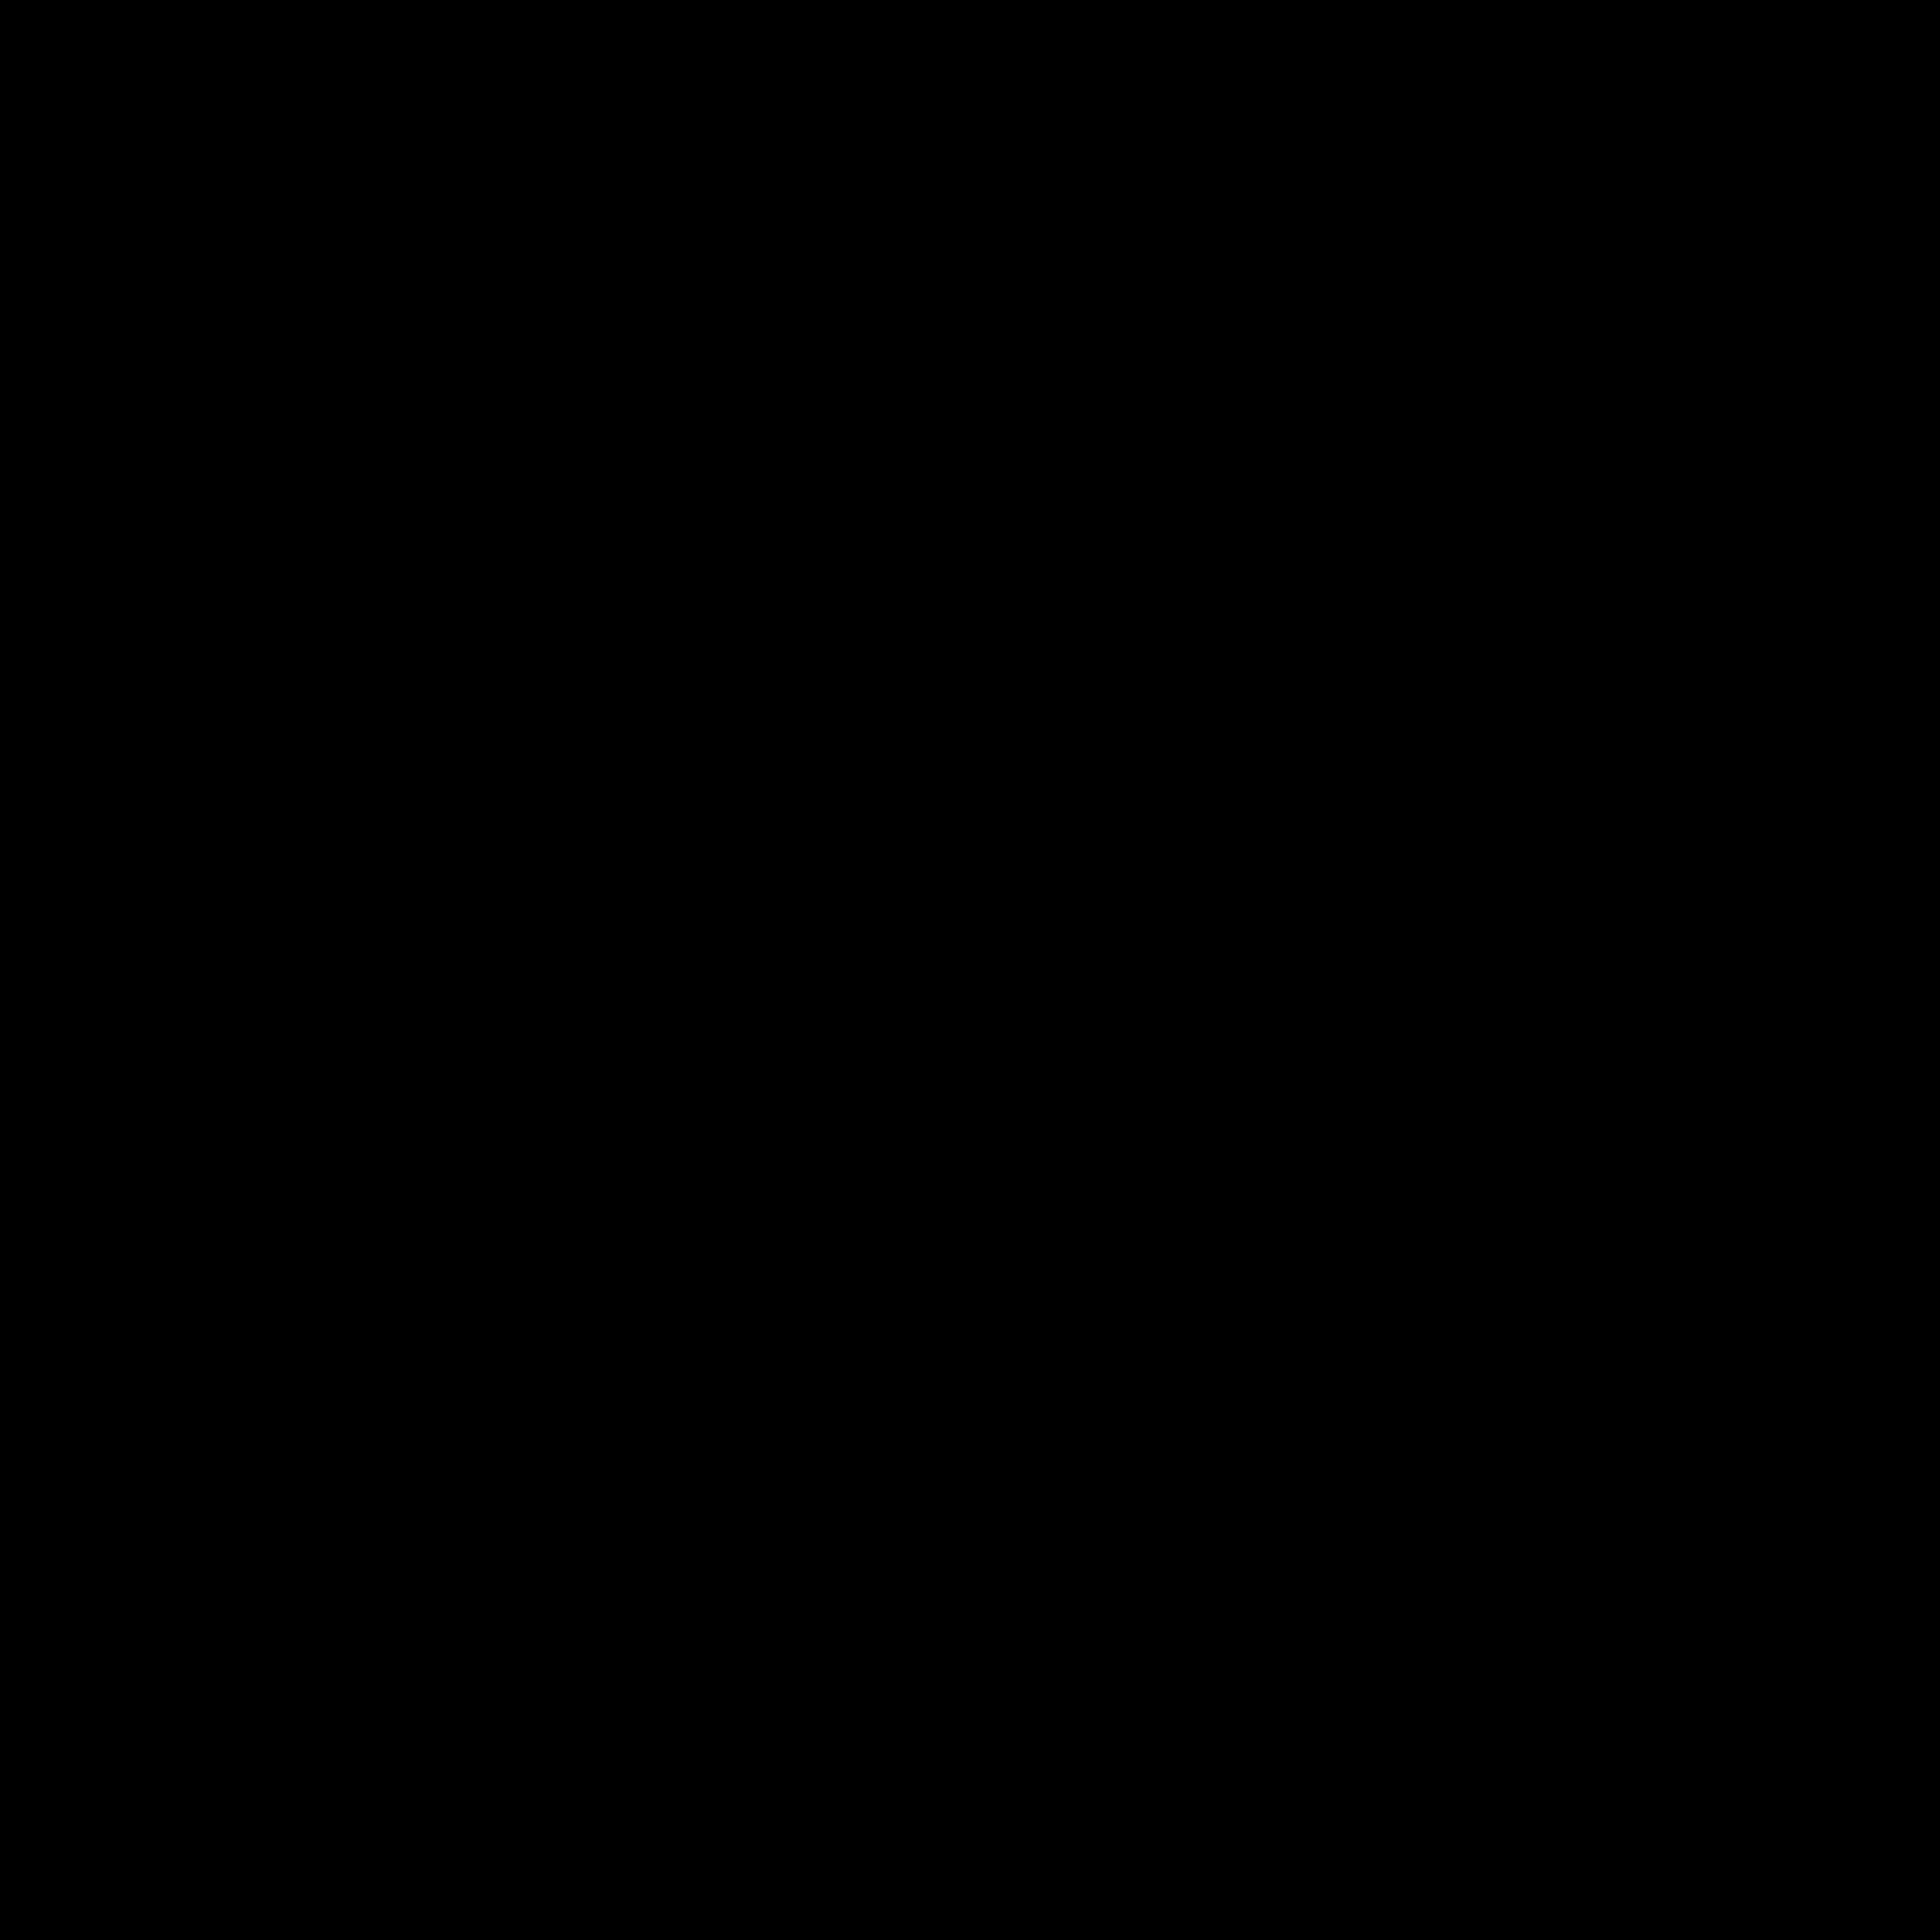 TOTALINE Air Curtains